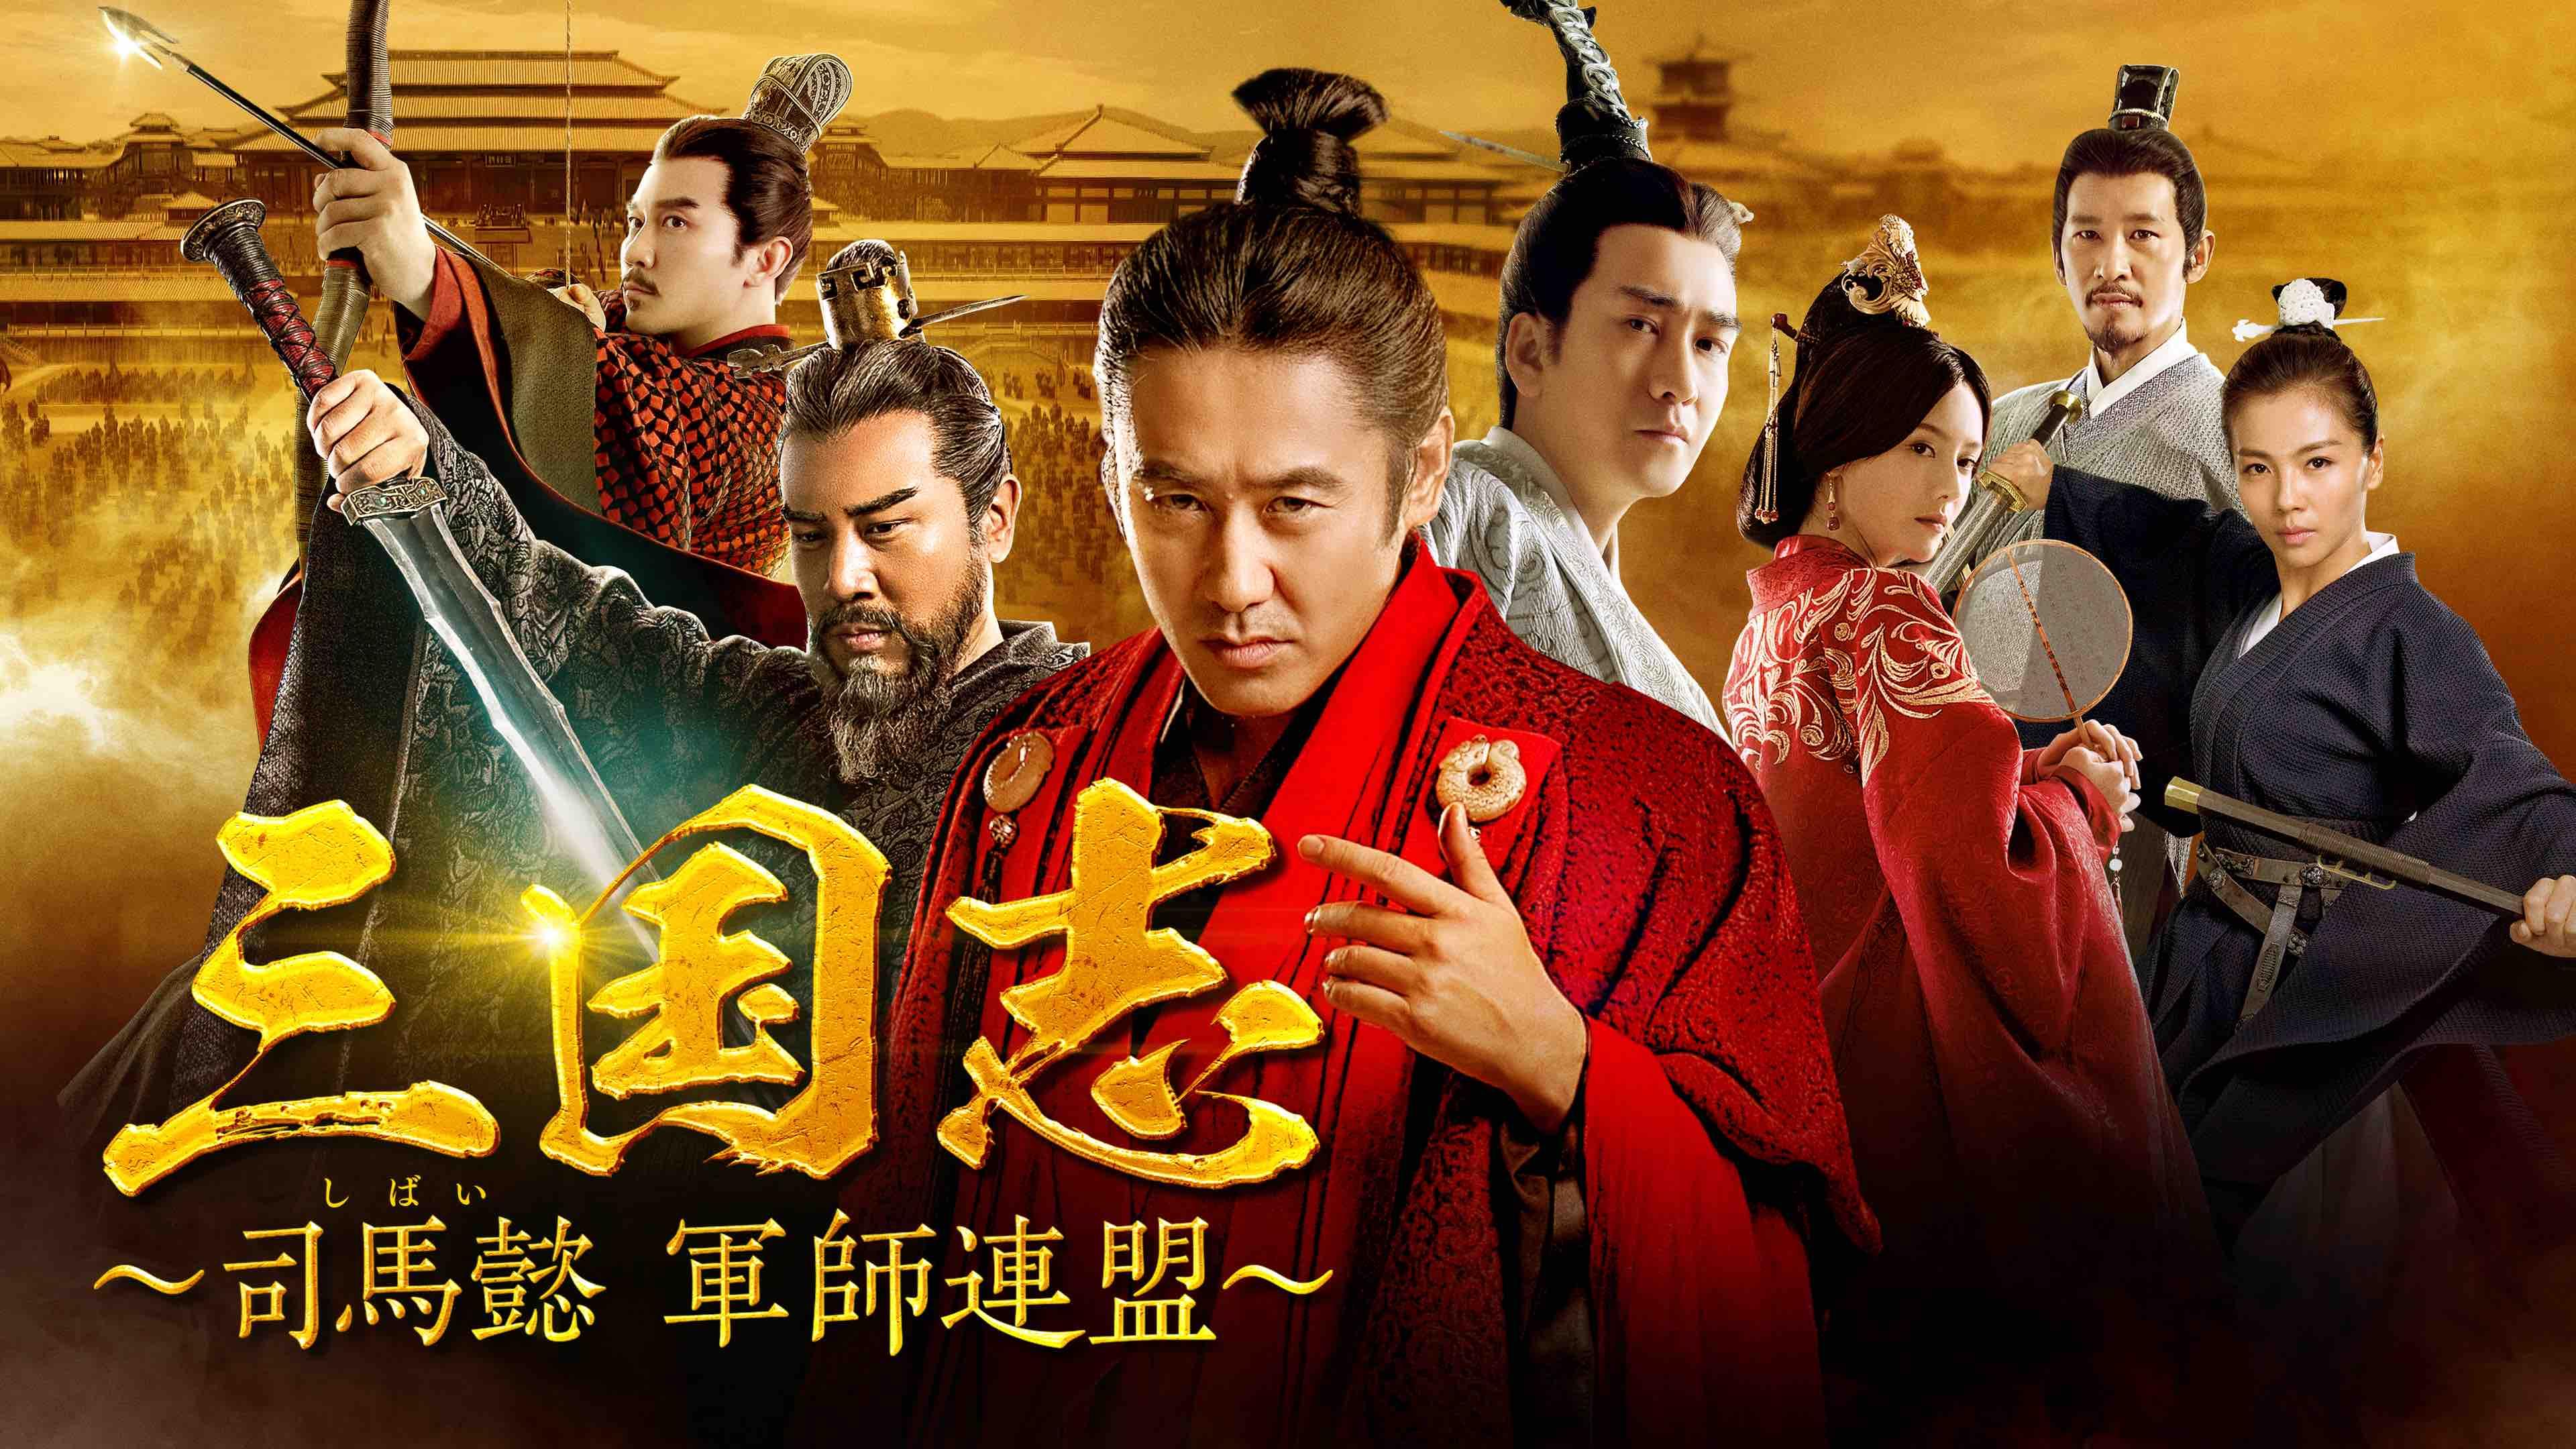 総製作費68億円! 圧巻の映像美&ストーリーを誇る 中国の歴史超大作 ...